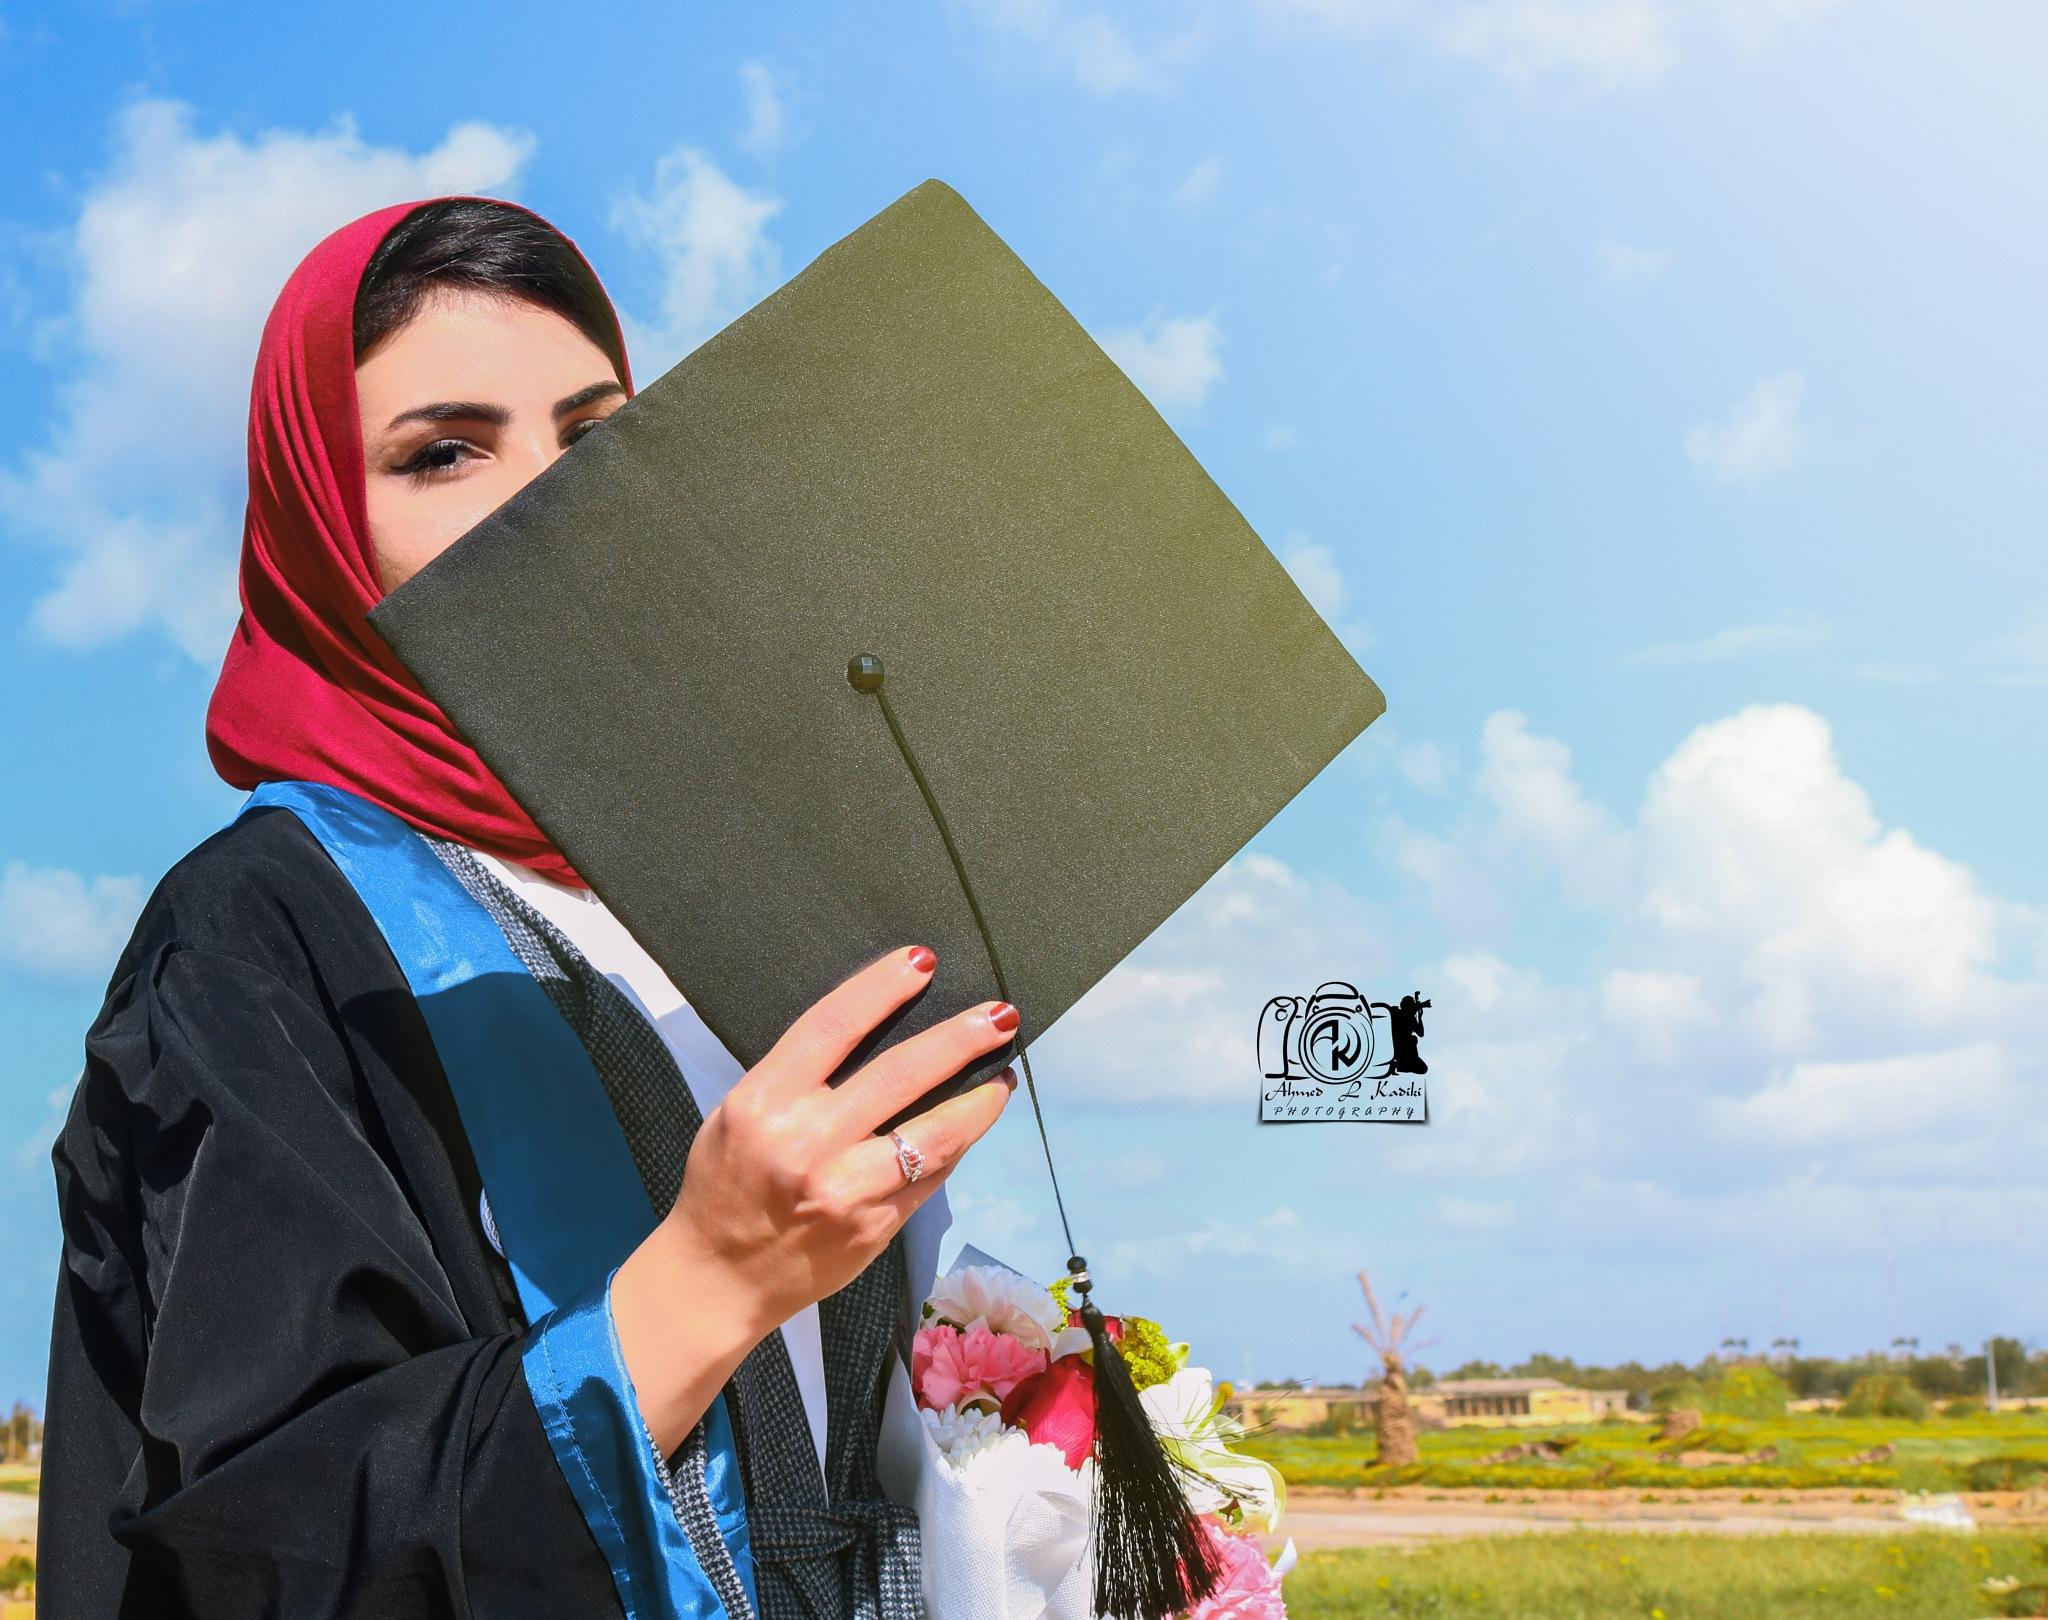 red by Ahmed L kadiki أحمد الكاديكي